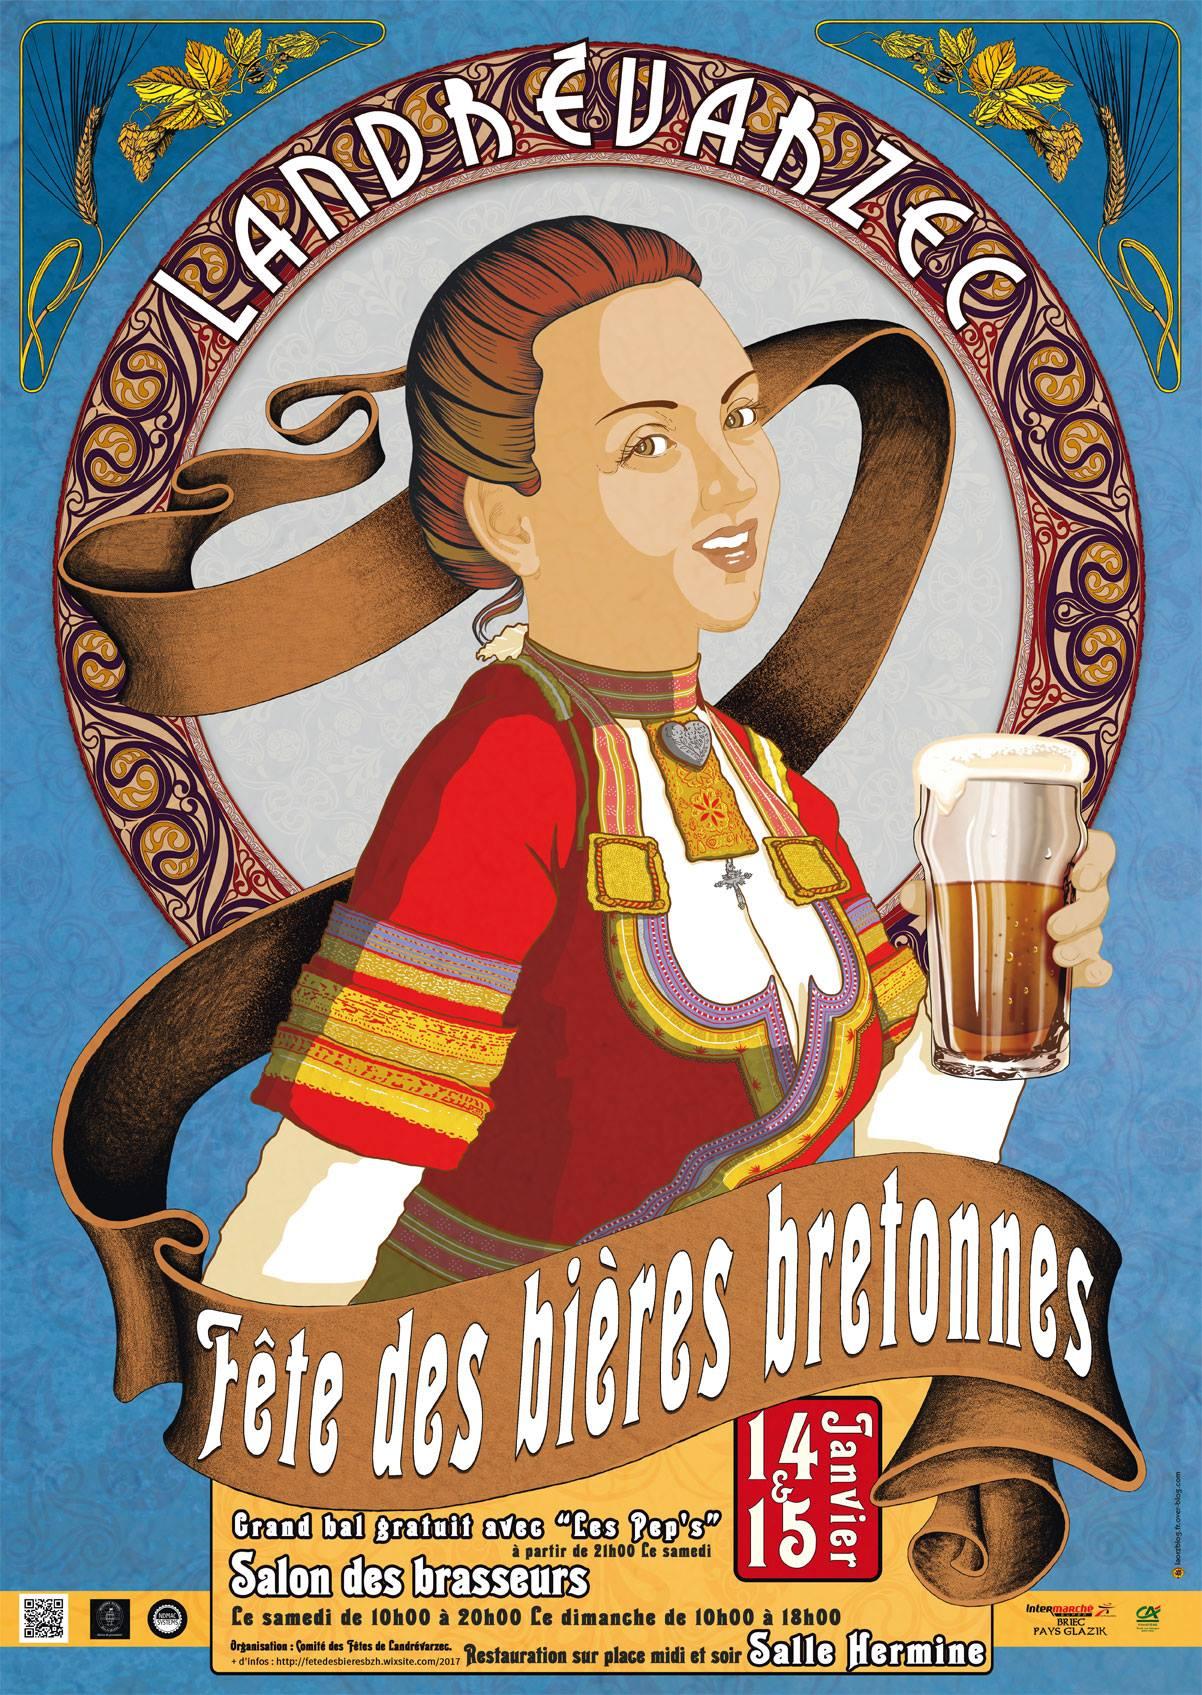 fête des bières bretonnes de Landrévarzec